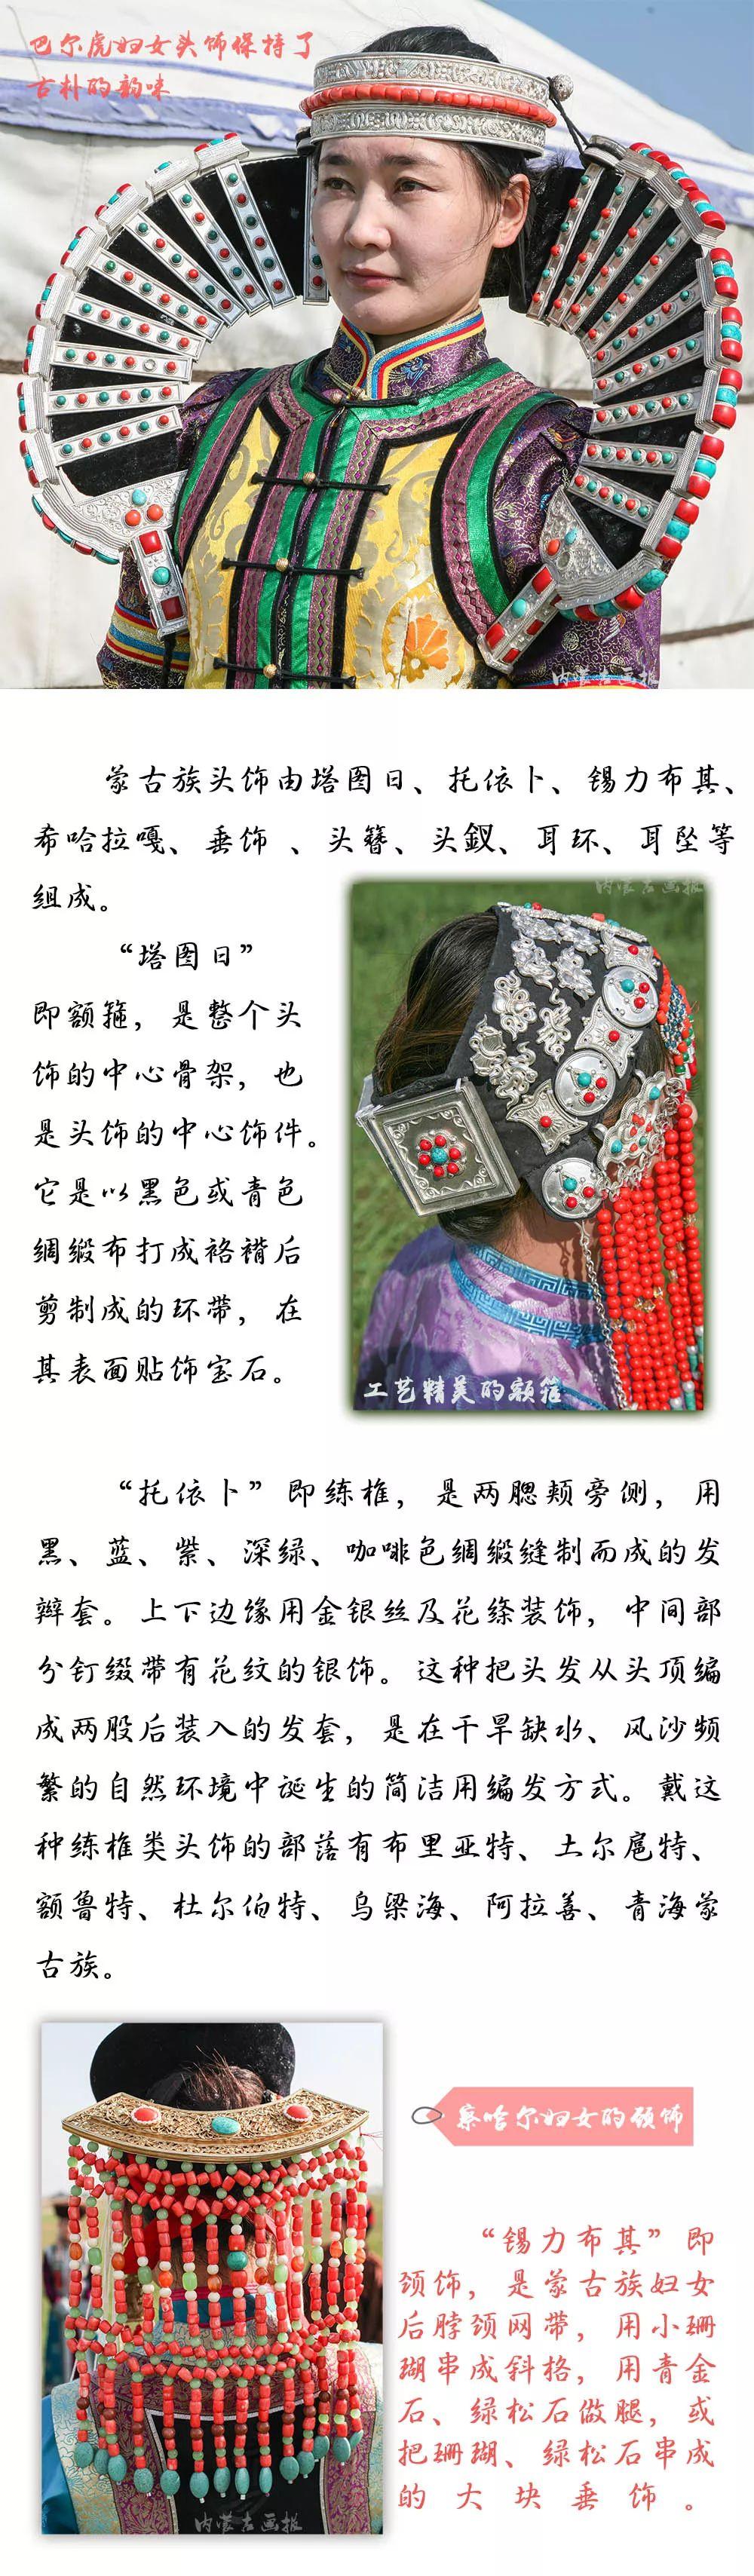 装点世界的蒙古族佩饰 | 女士篇 第9张